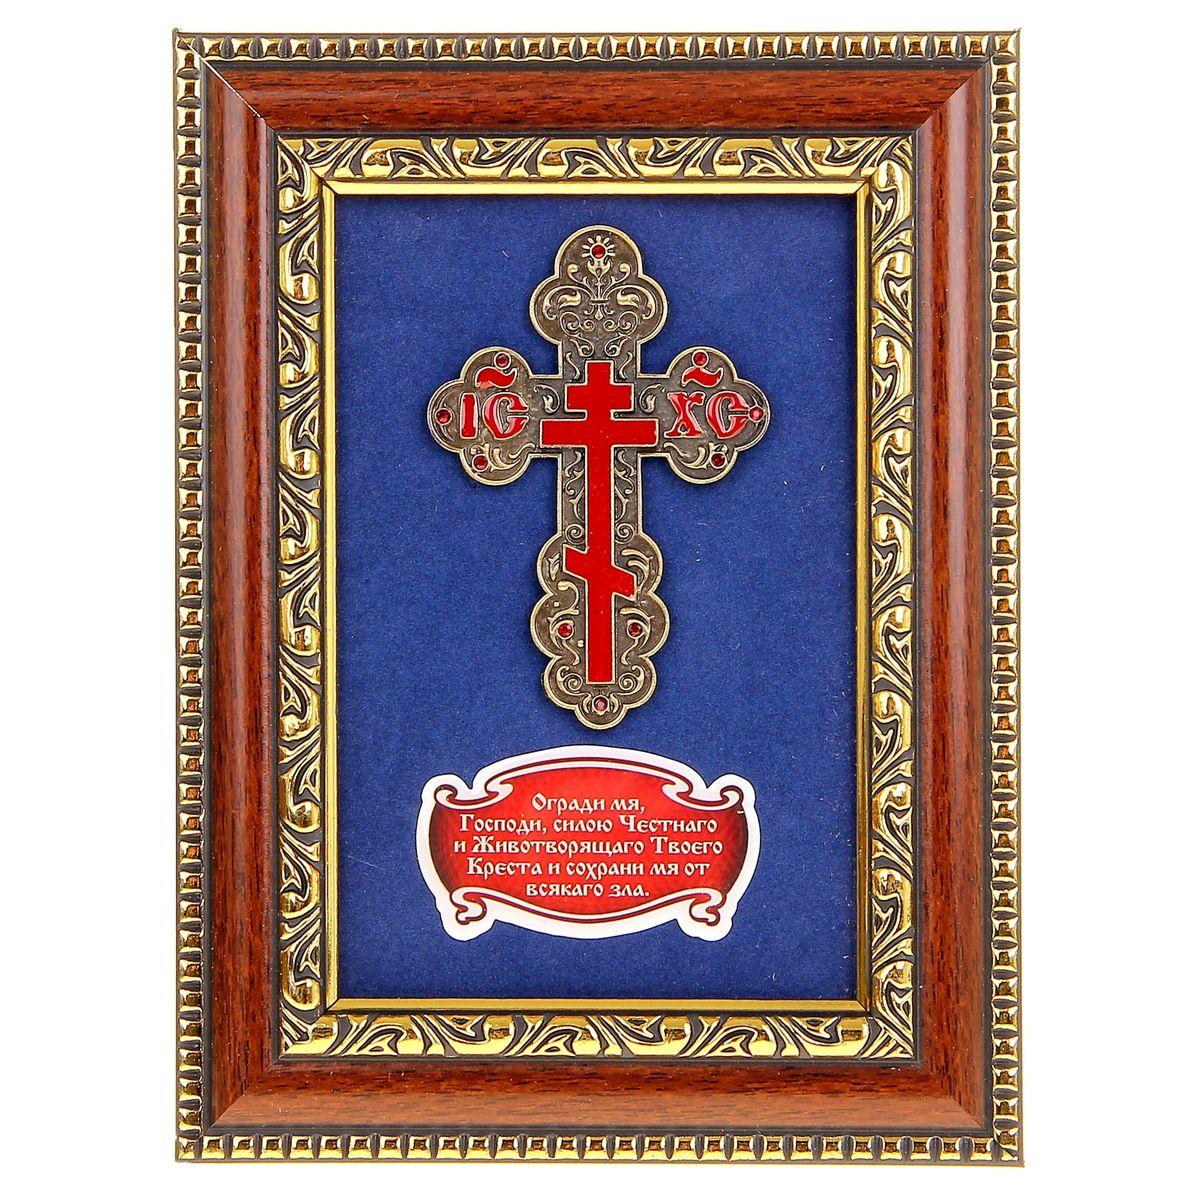 Панно Православный крест, 14,5 х 19,5 см54 009312Панно Православный крест представляет собой металлический крест, размещенный на картонной подложке синего цвета. Ниже расположена табличка с молитвой Огради мя, Господи, силою Честнаго и Животворящего Твоего Креста и сохрани мя от всякого зла. Крест украшенизысканным рельефом, покрыт эмалью и инкрустирован мелкими красными стразами. Рамка для панно с золотистым узорным рельефом выполнена из дерева. Панно можно подвесить на стену или поставить на стол, для чего с задней стороны предусмотрена специальная ножка. Любое помещение выглядит незавершенным без правильно расположенных предметов интерьера. Они помогают создать уют, расставить акценты, подчеркнуть достоинства или скрыть недостатки. Не бывает незначительных деталей. Из мелочей складывается образ человека и стиль интерьера. Панно Православный крест - одна из тех деталей, которые придают дому обжитой вид и создают ощущение уюта.